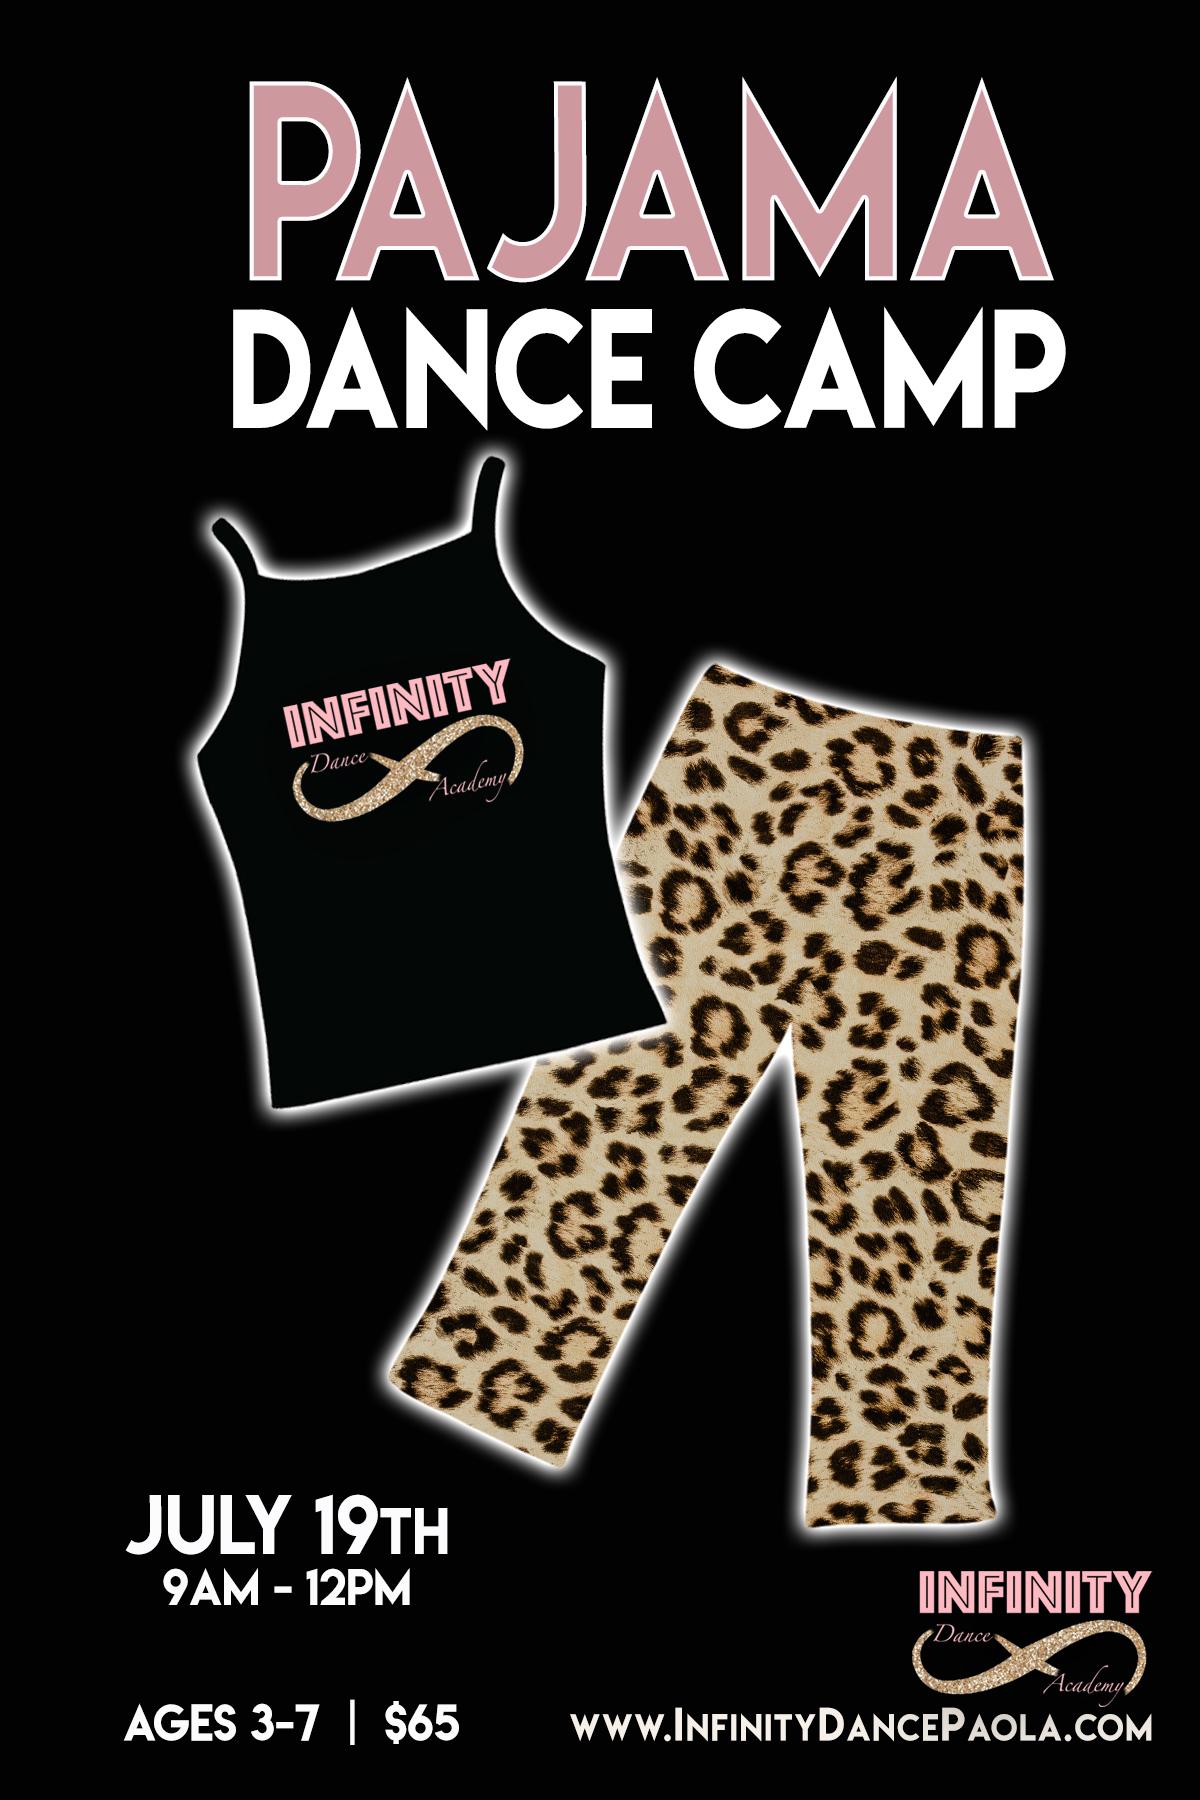 Pajama Dance Camp